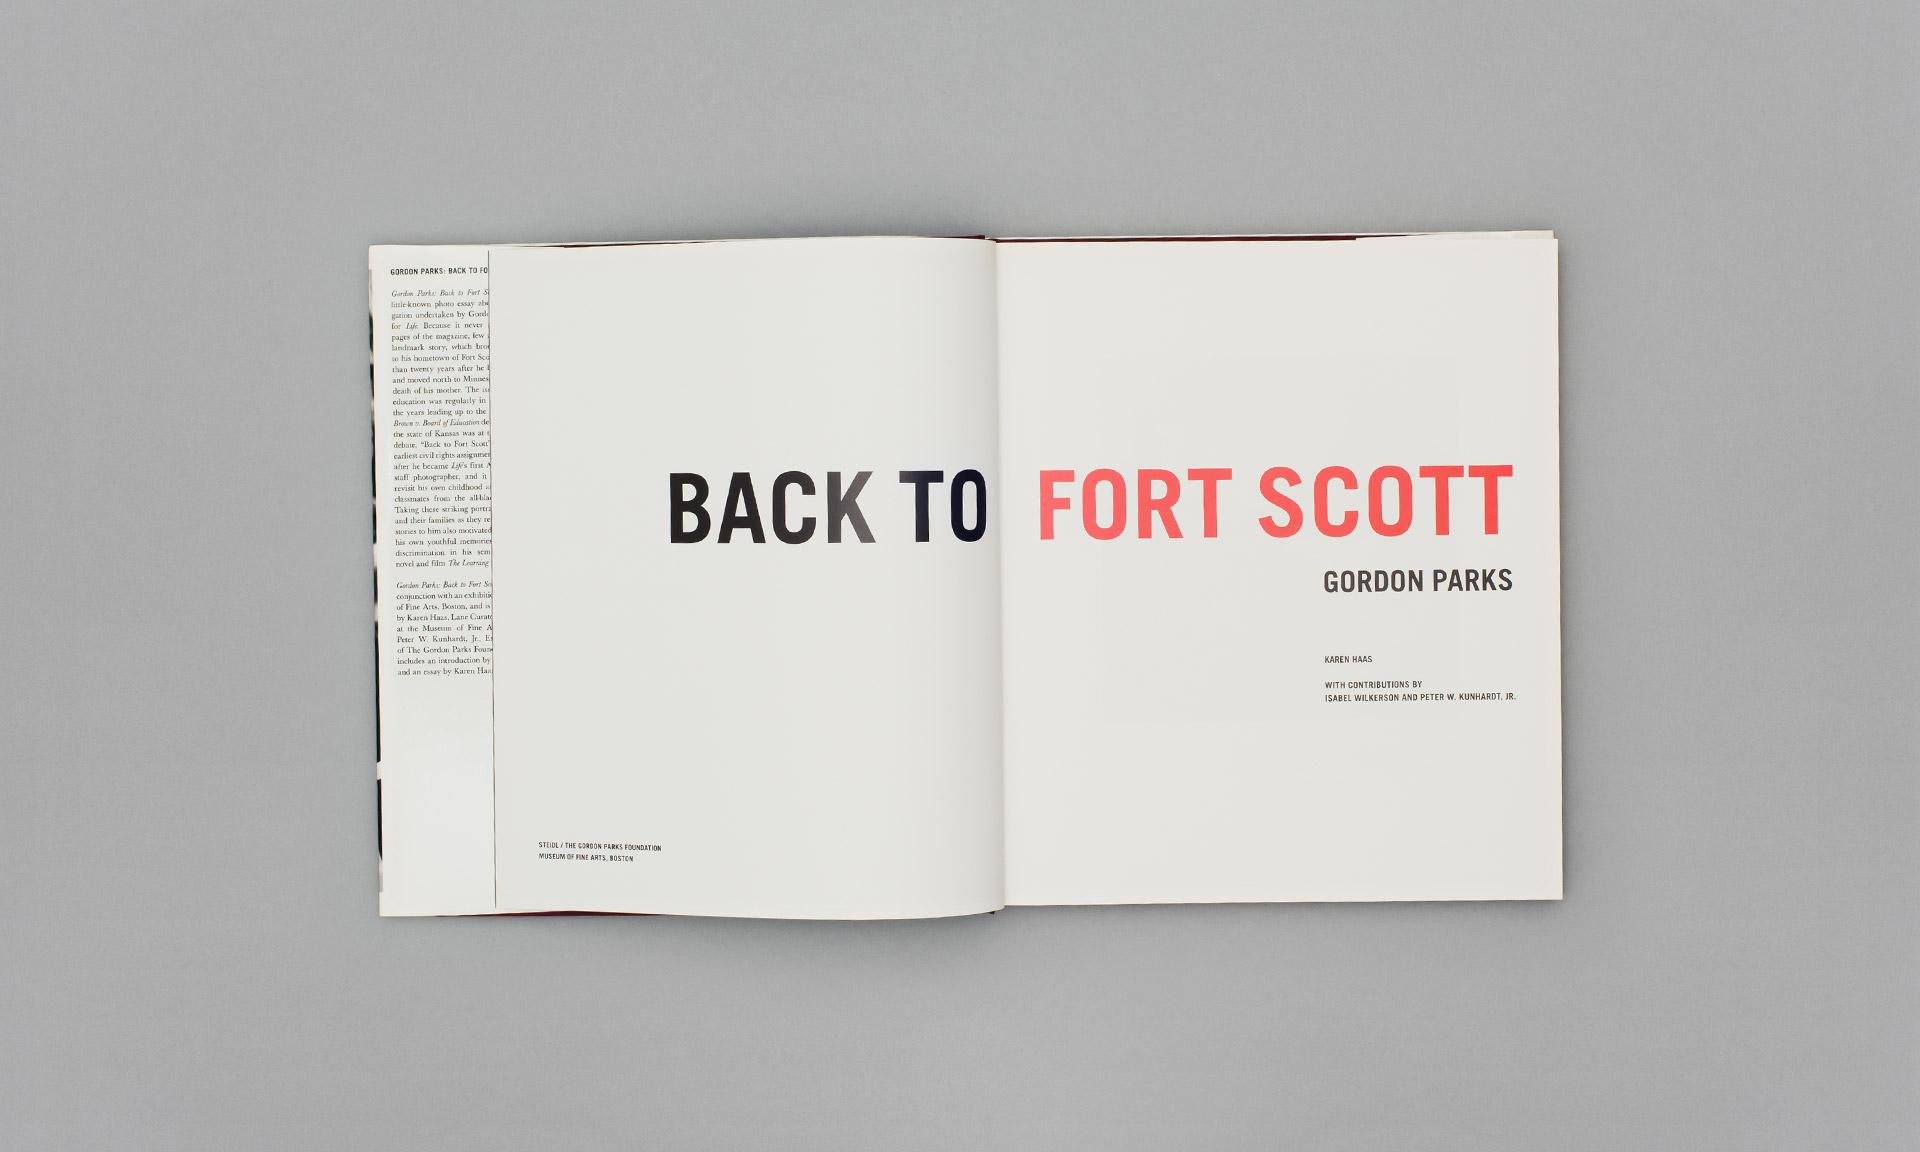 Parks_Fort_Scott_13